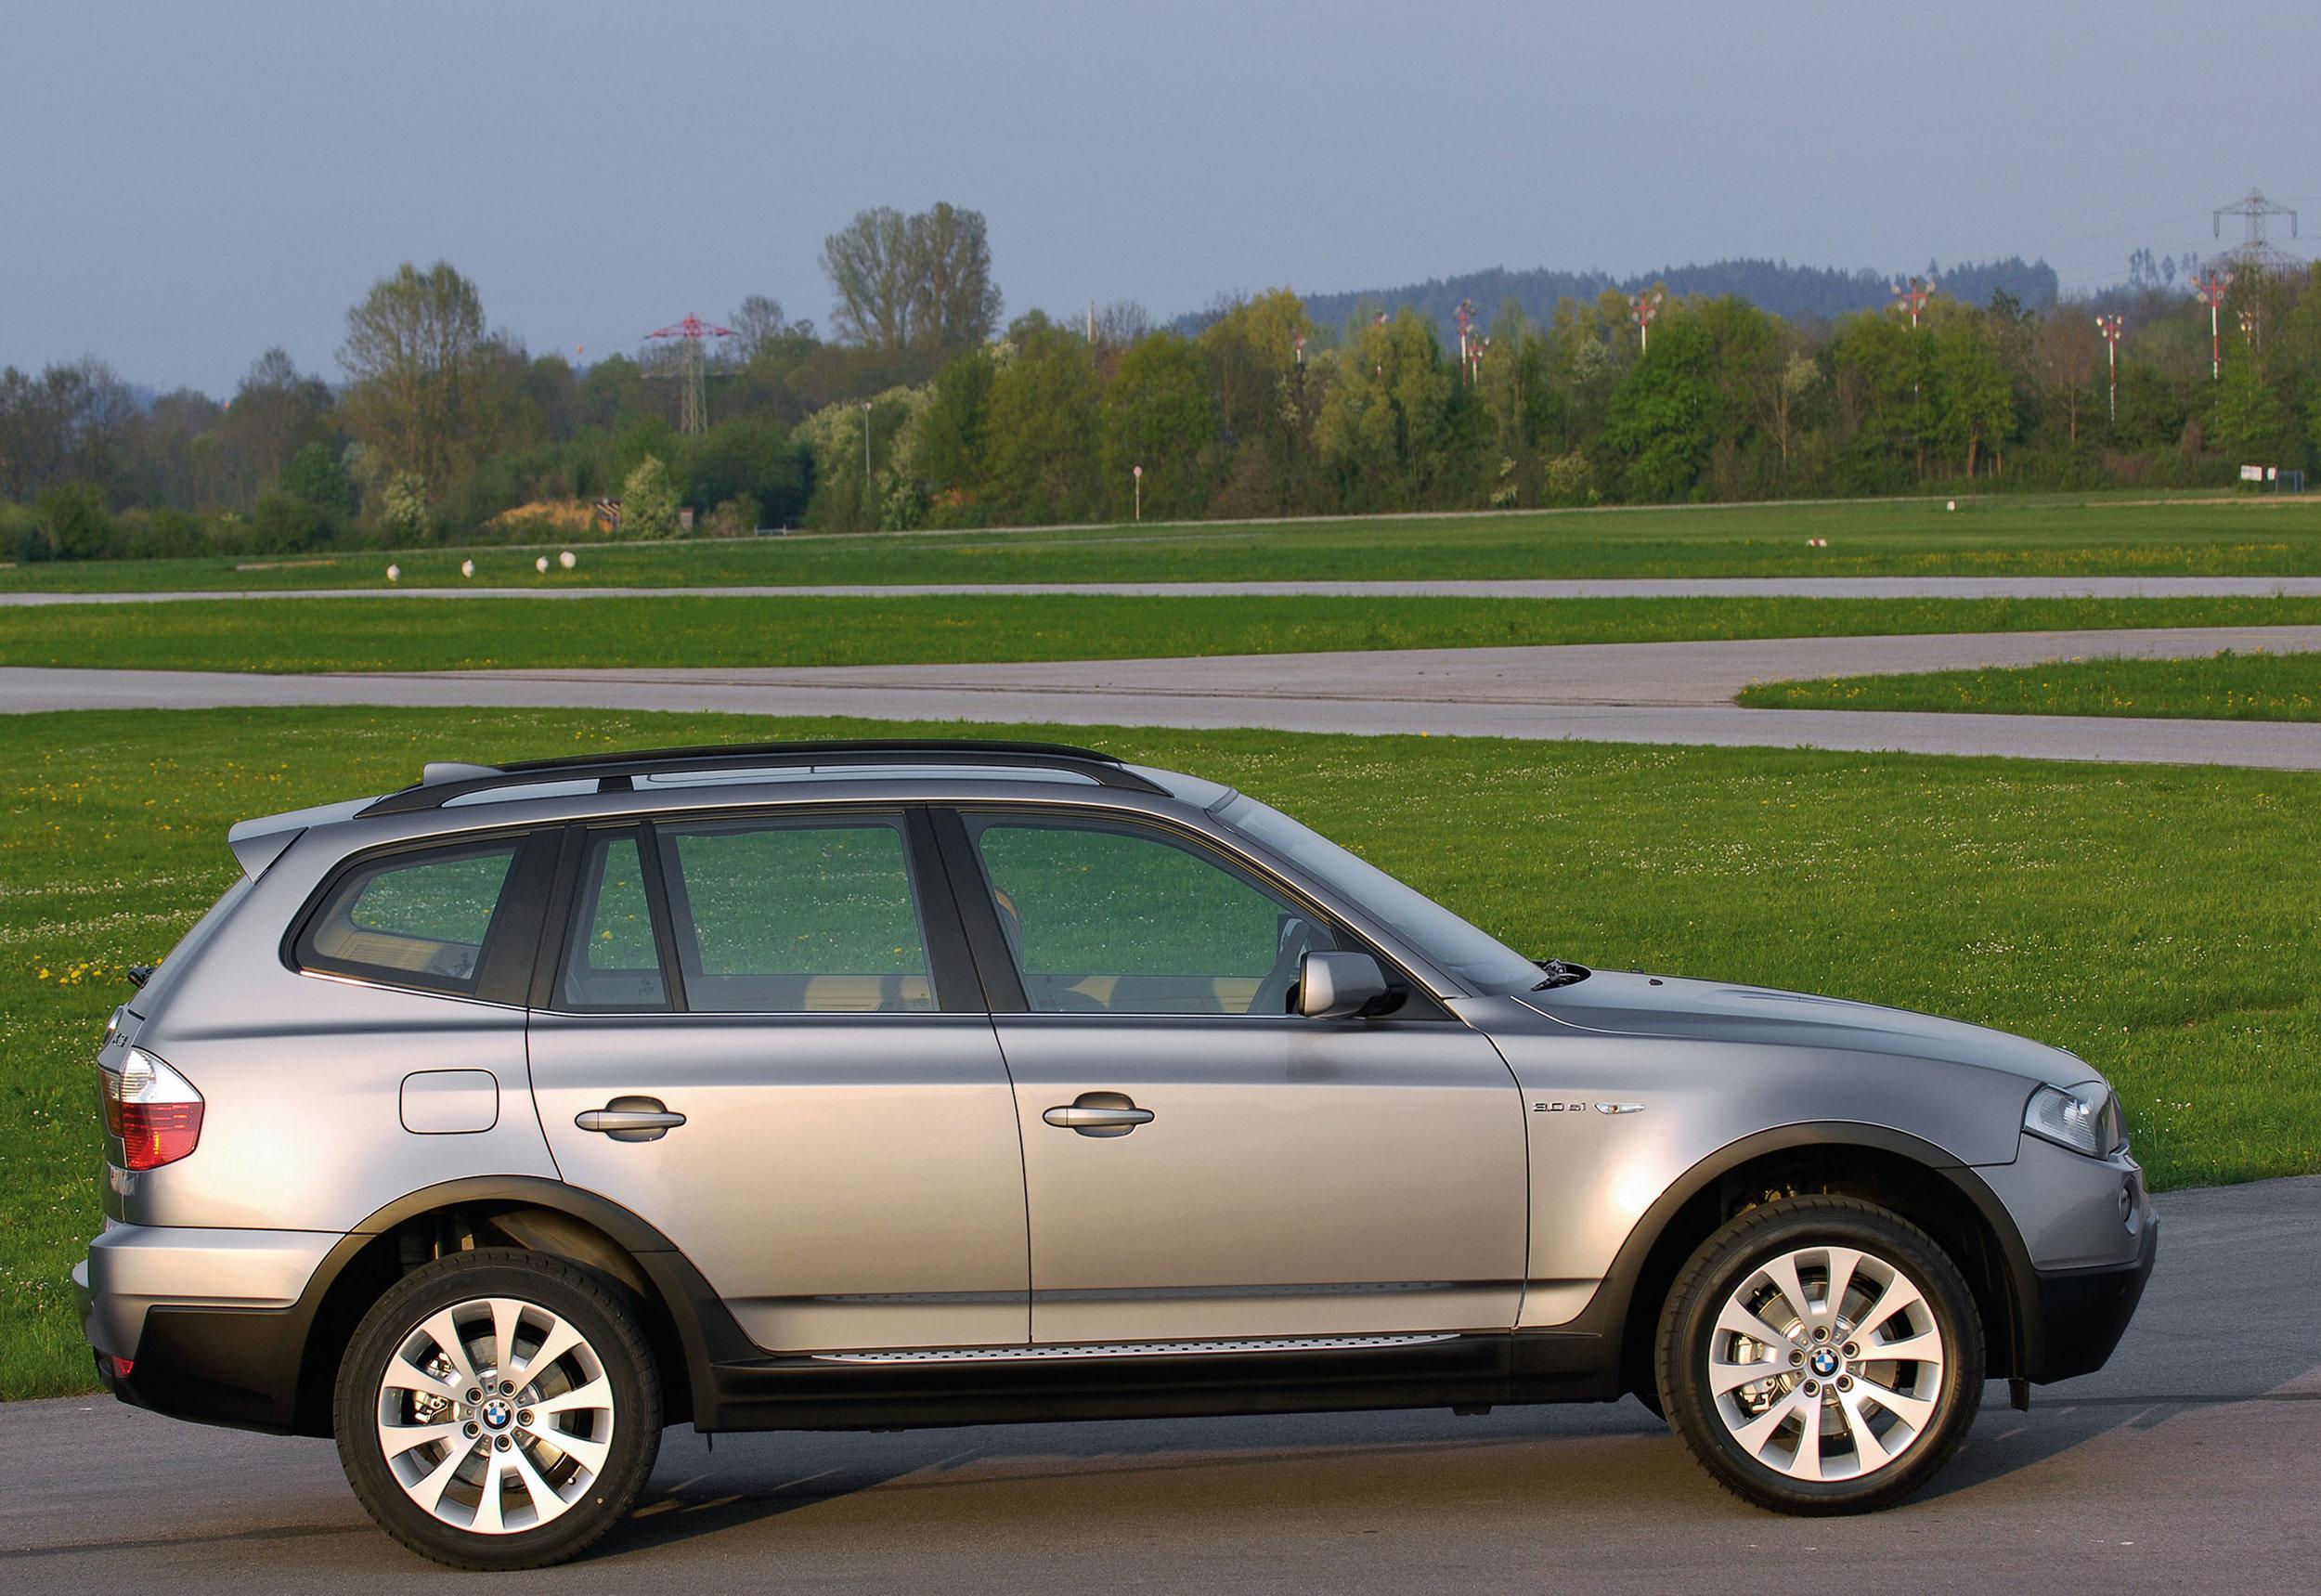 BMW-X3-Mk1-07.jpg